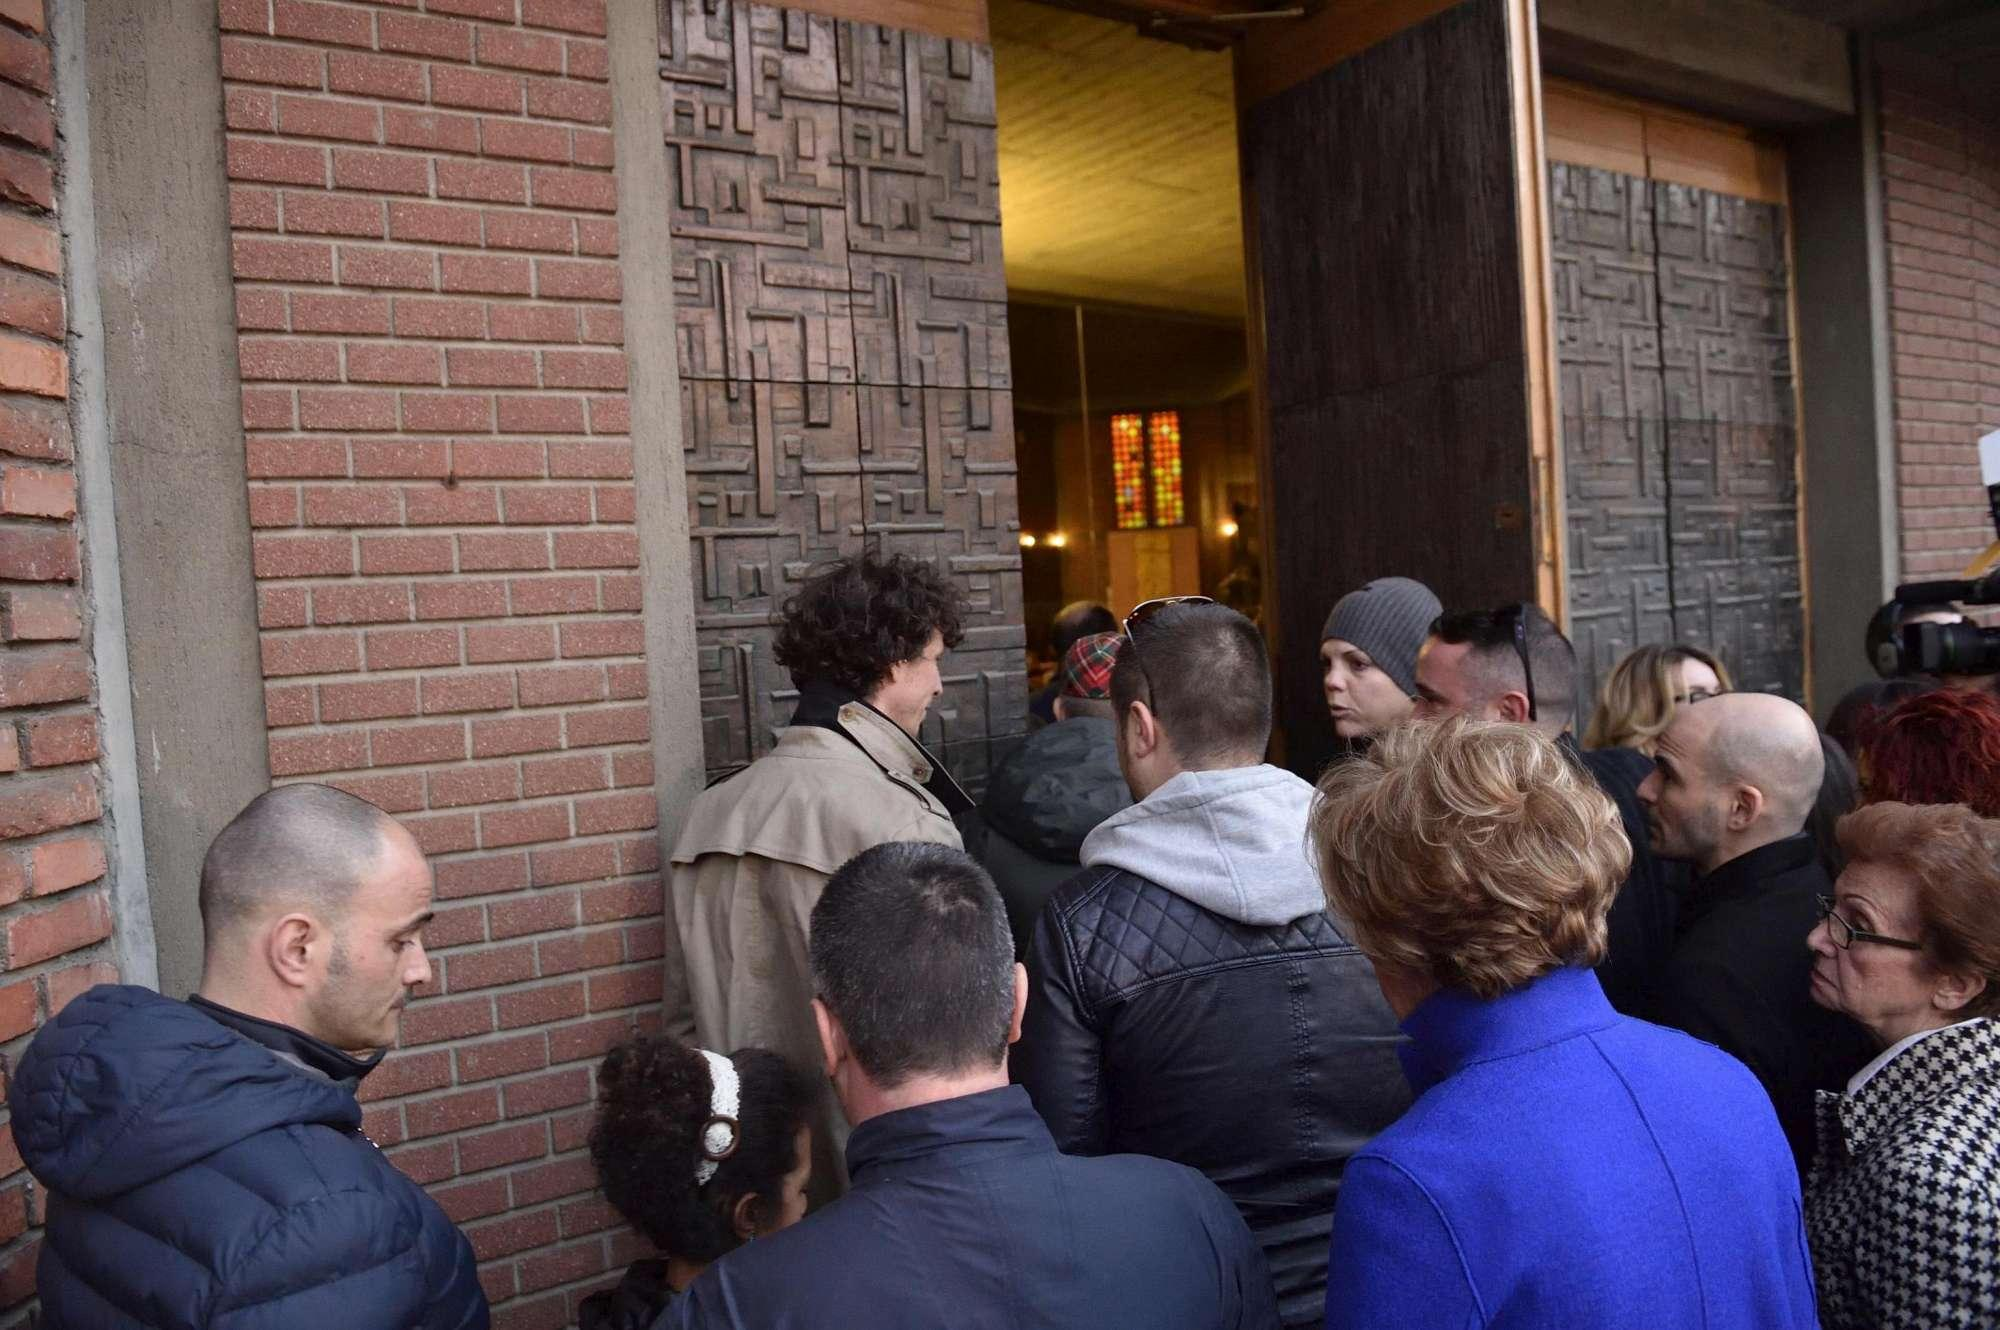 Milano, folla commossa in chiesa per l'addio a Dj Fabo